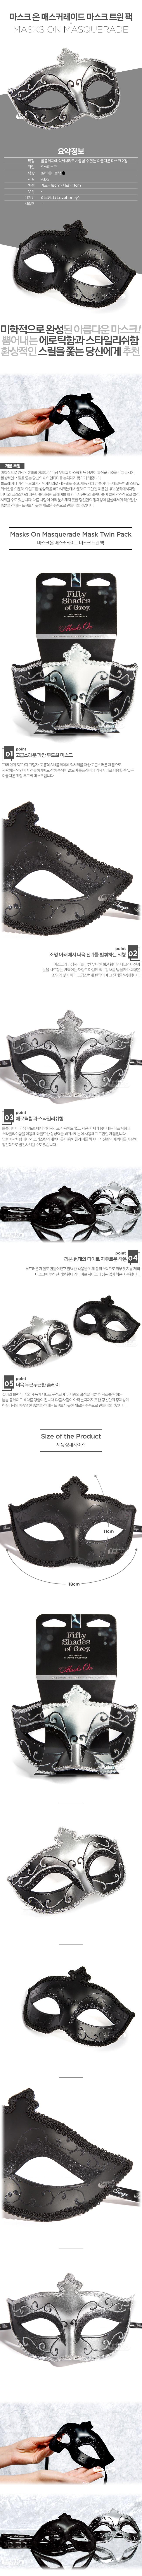 [영국 직수입] 마스크 온 매스커레이드 마스크 트윈 팩(Masks On Masquerade Mask Twin Pack) - 그레이의 50가지 그림자/러브허니(FS-52420) (LVH)